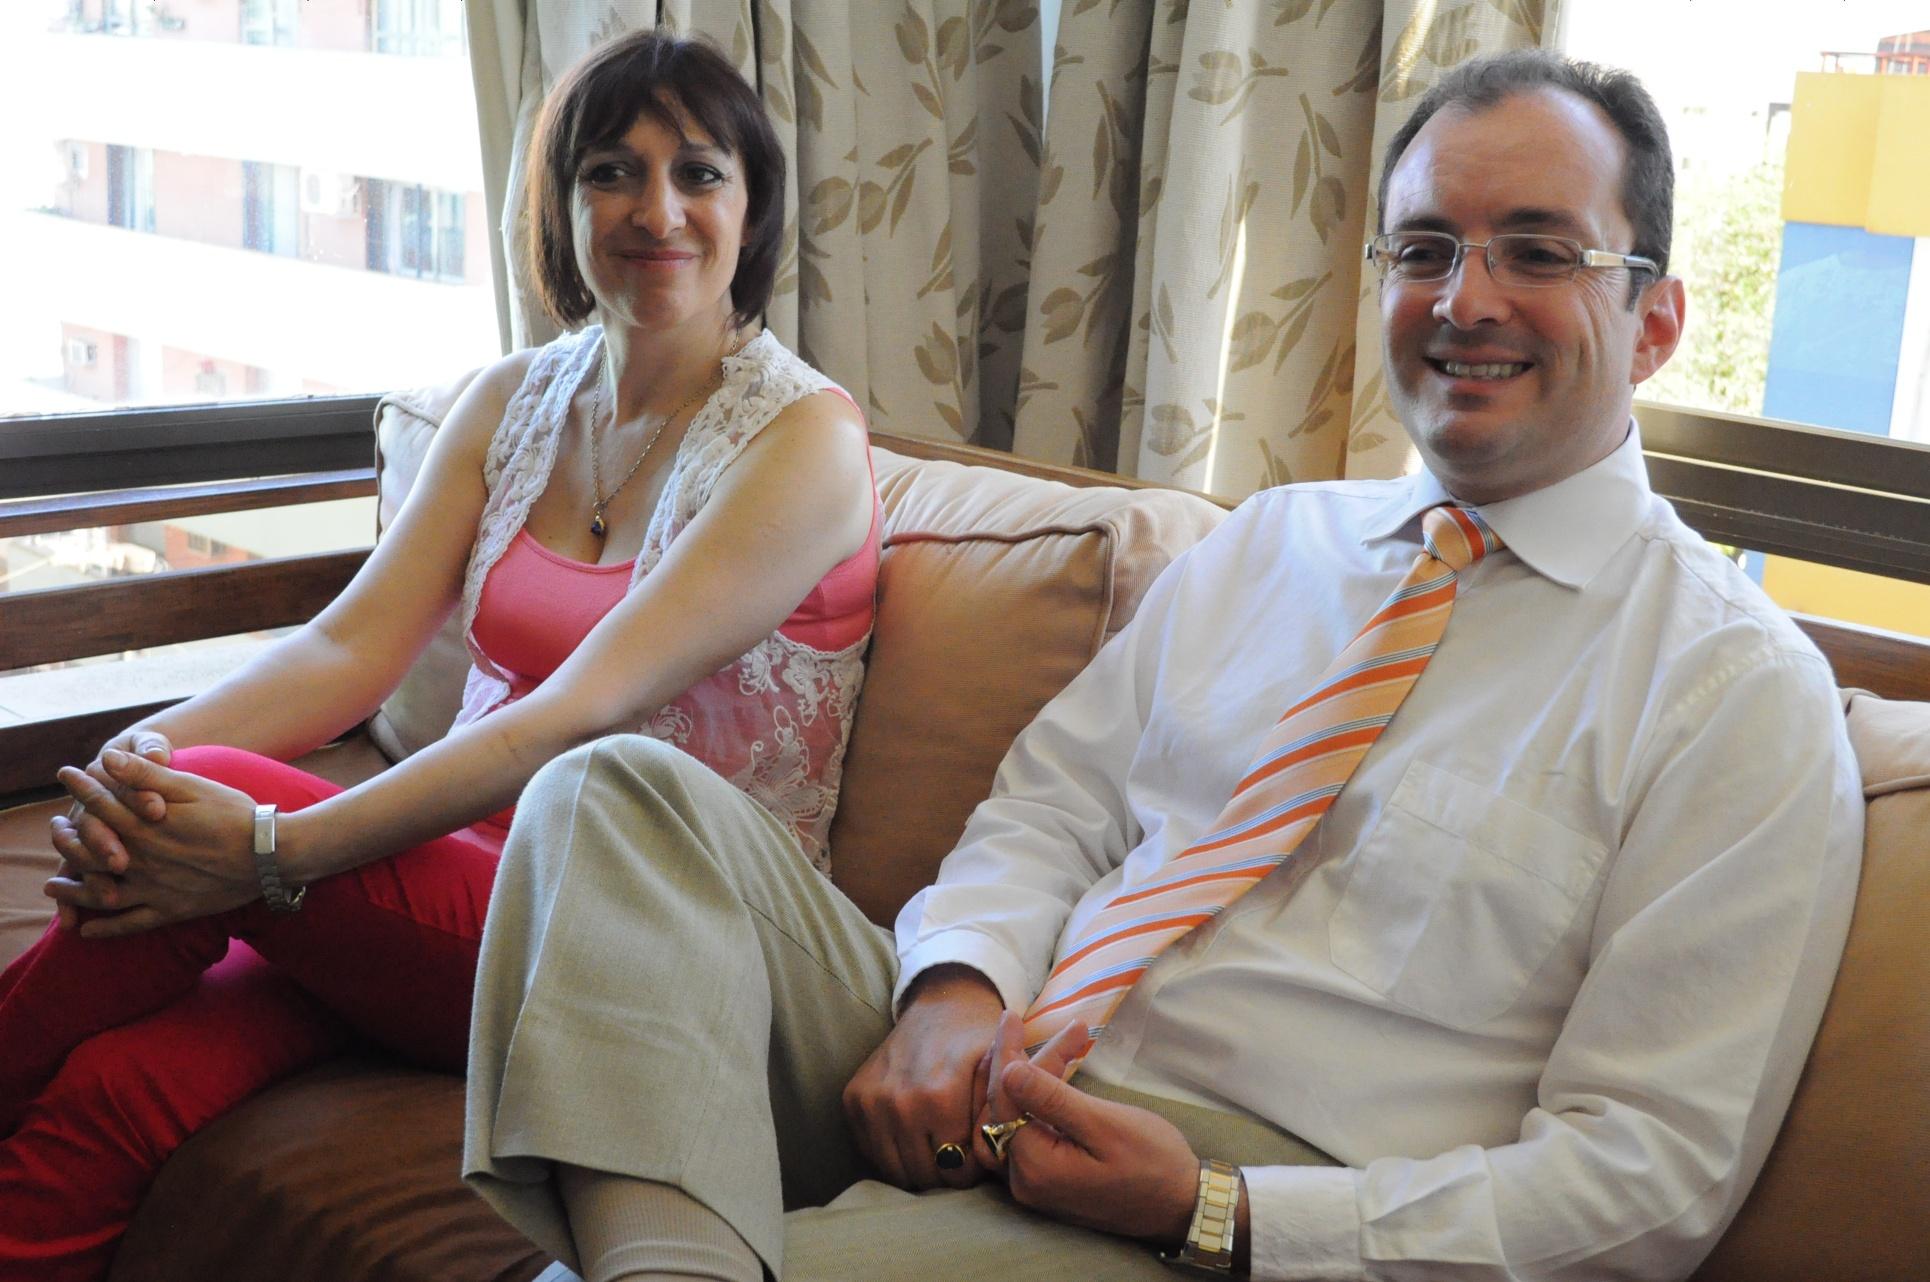 Liliana Caputo y Fernando Candiotto, de la Escuela de Metafísica de Buenos Aires.